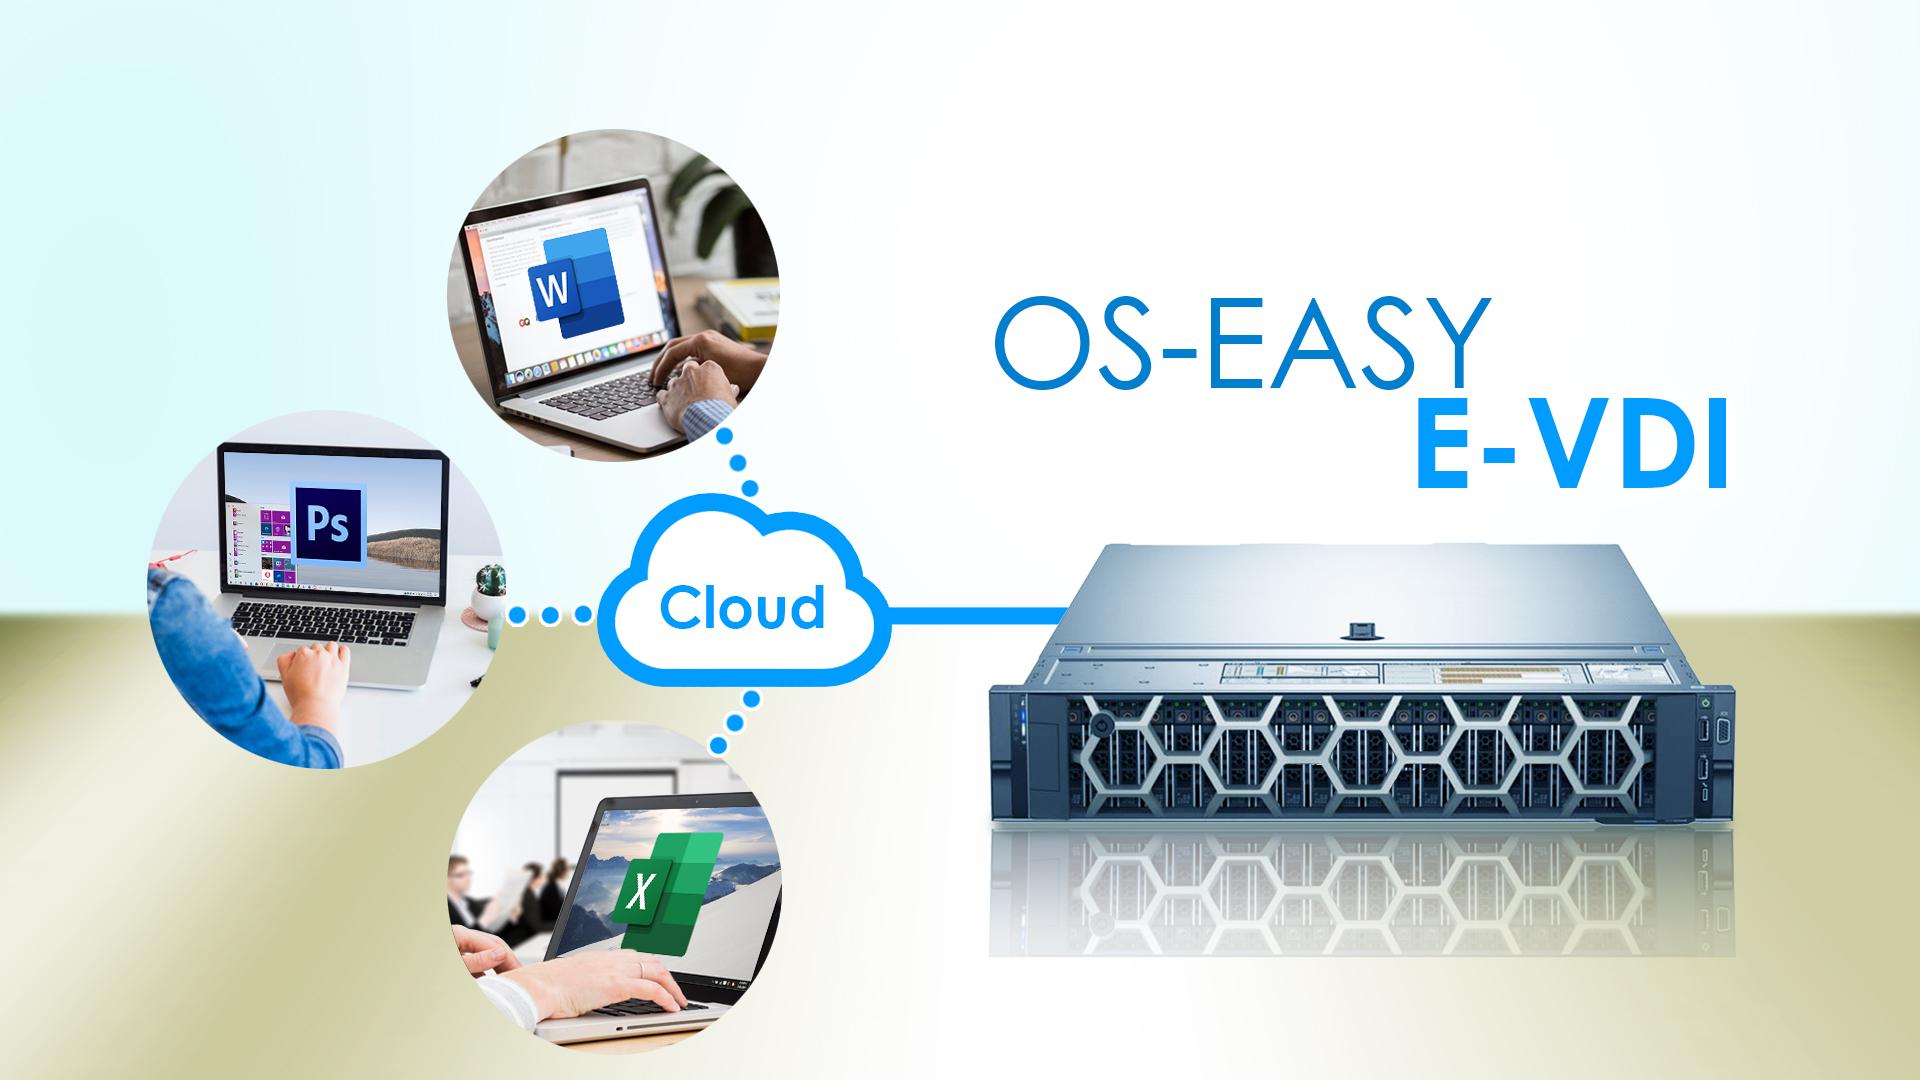 OS-Easy E-VDI